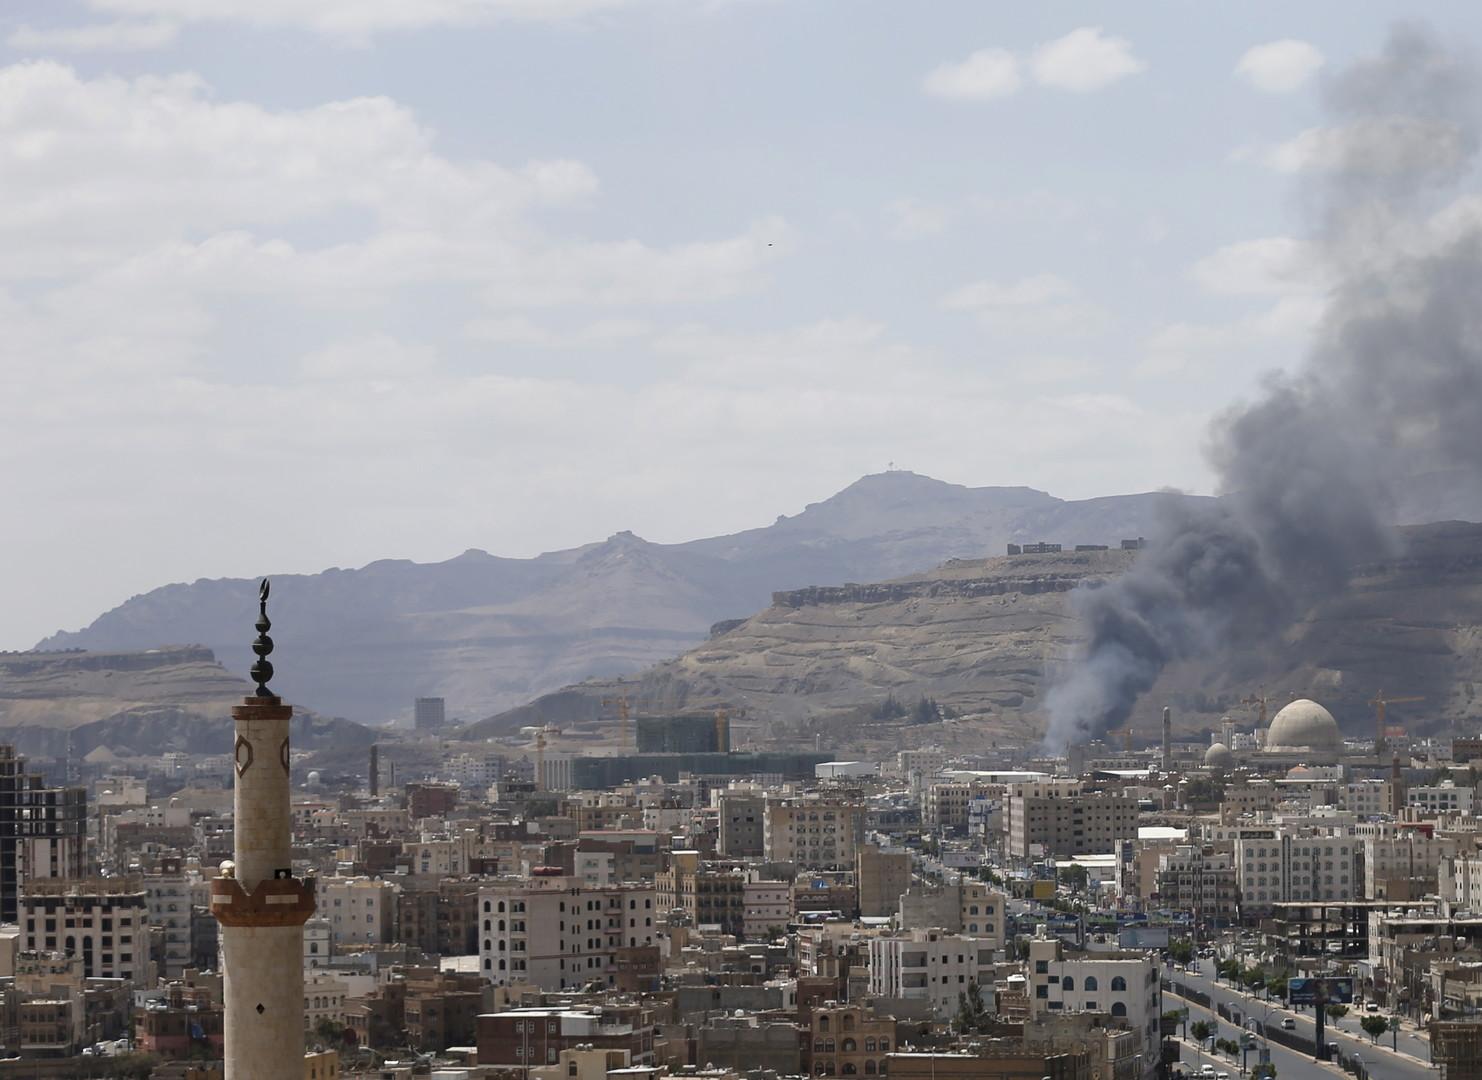 غارة جوية في صنعاء - أرشيف